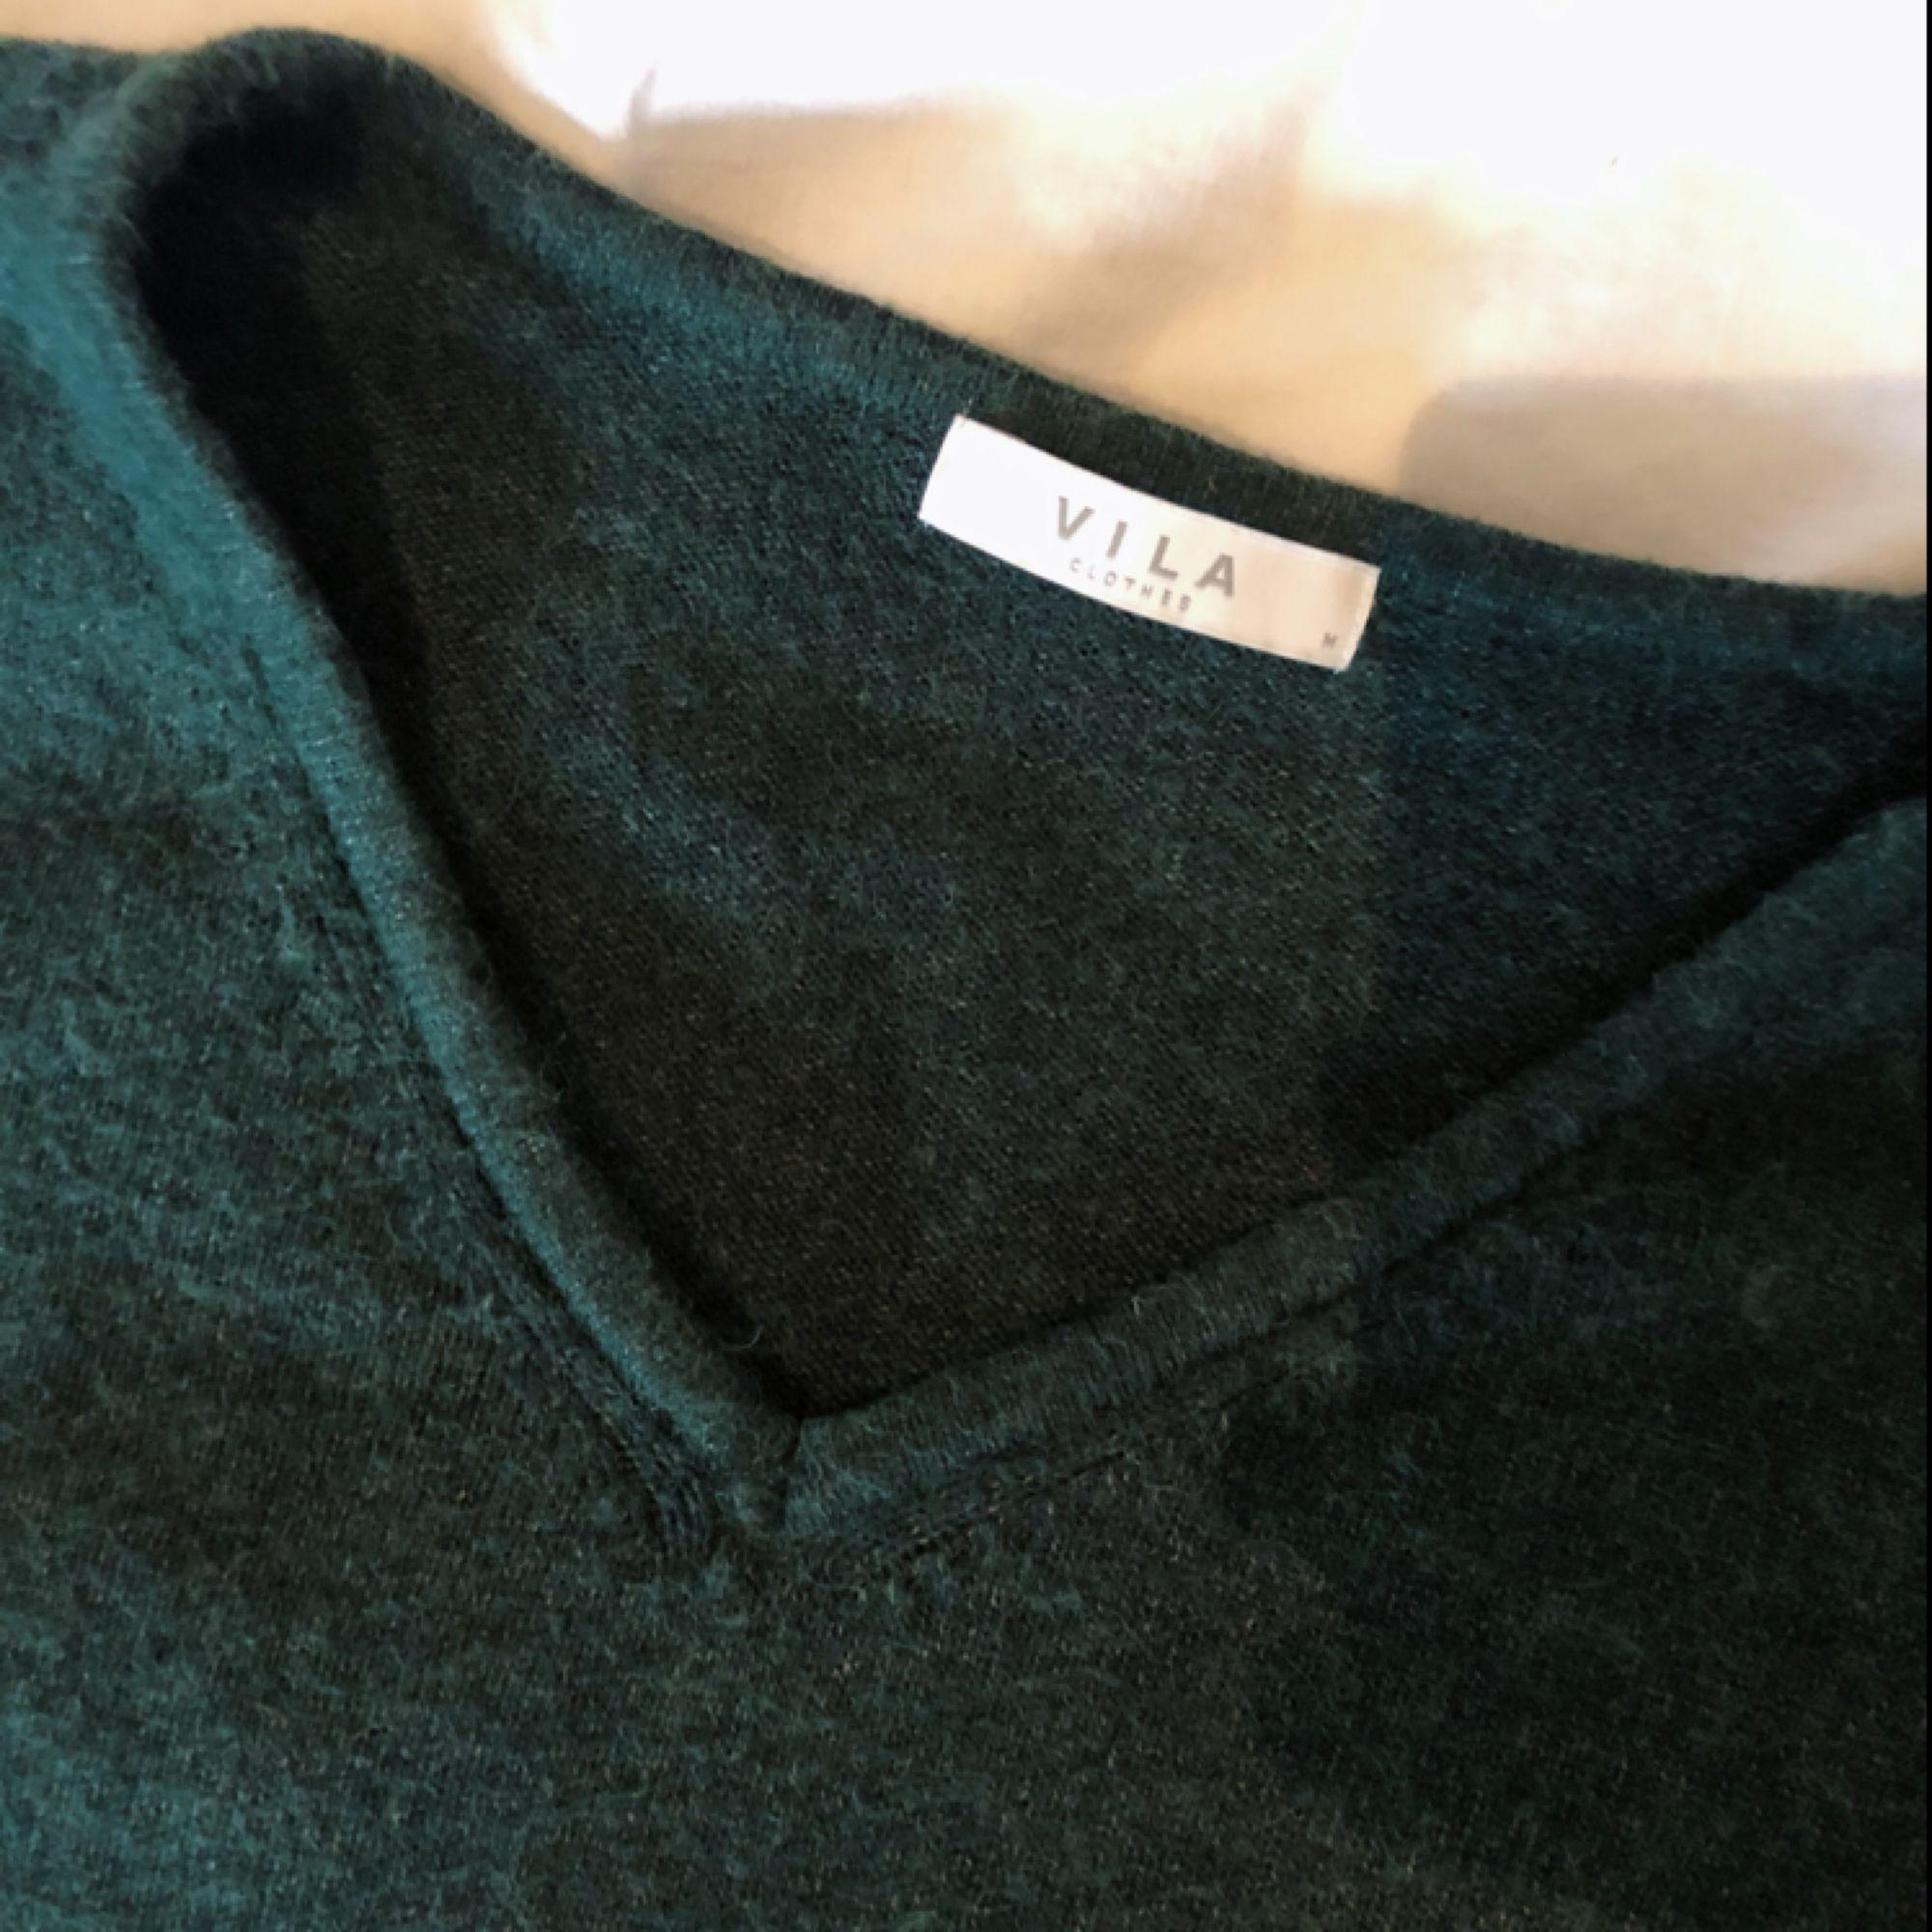 V-ringad ulltröja från vila. Grön som på första bilden. Knappt använd. Tröjor & Koftor.